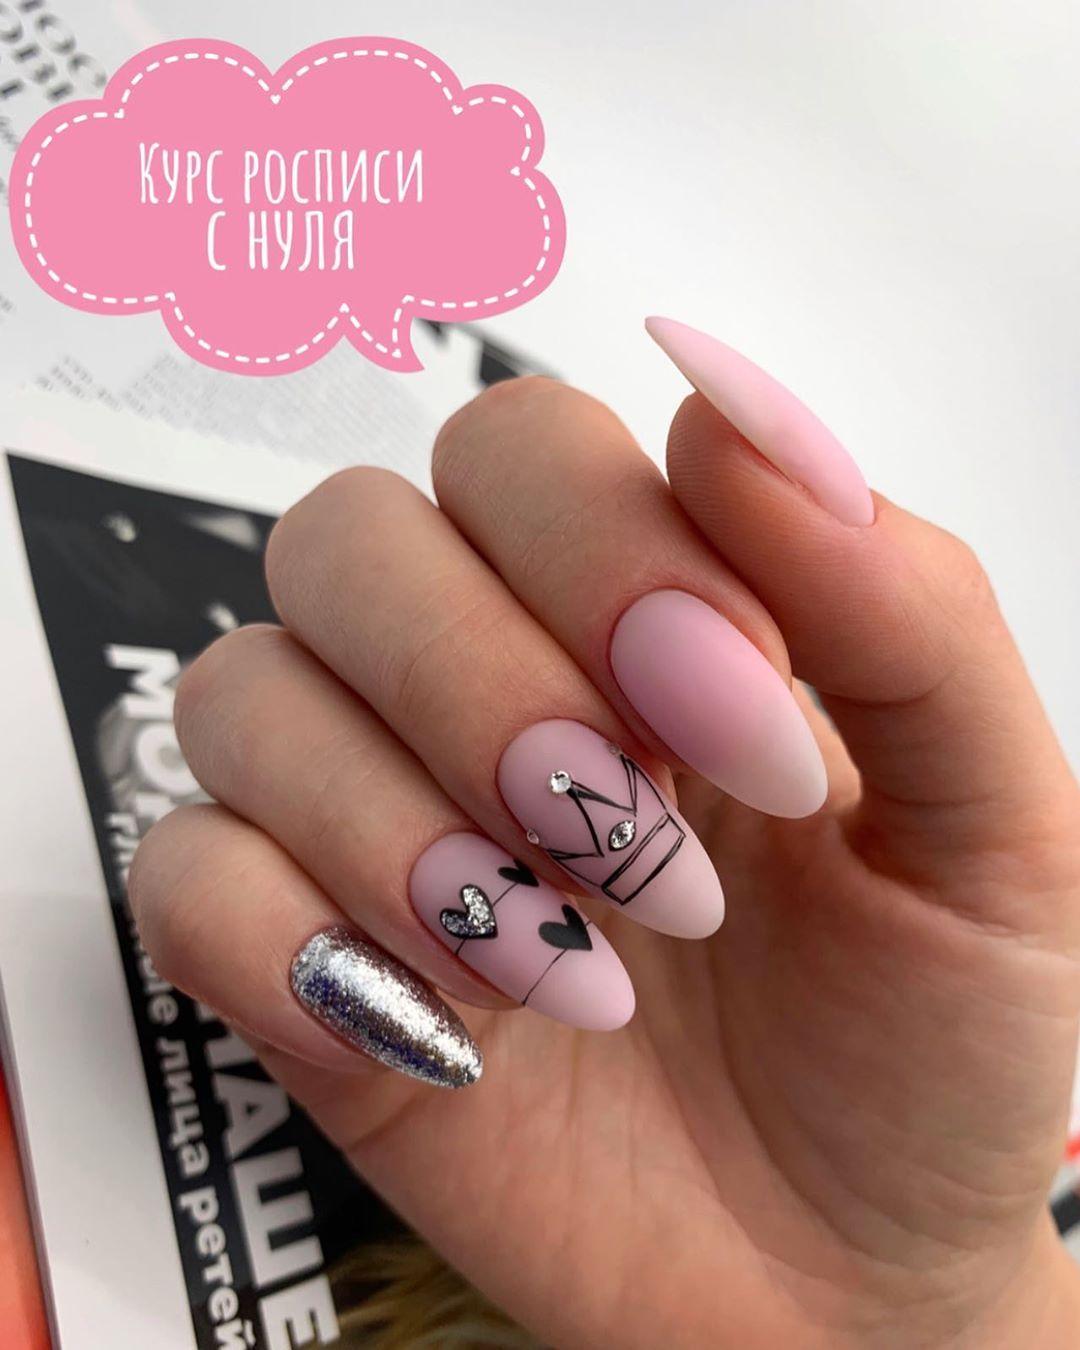 Pin de Brenda Mebarak en Uñas en 2020 | Manicura de uñas, Uñas doradas, Uñas blancas